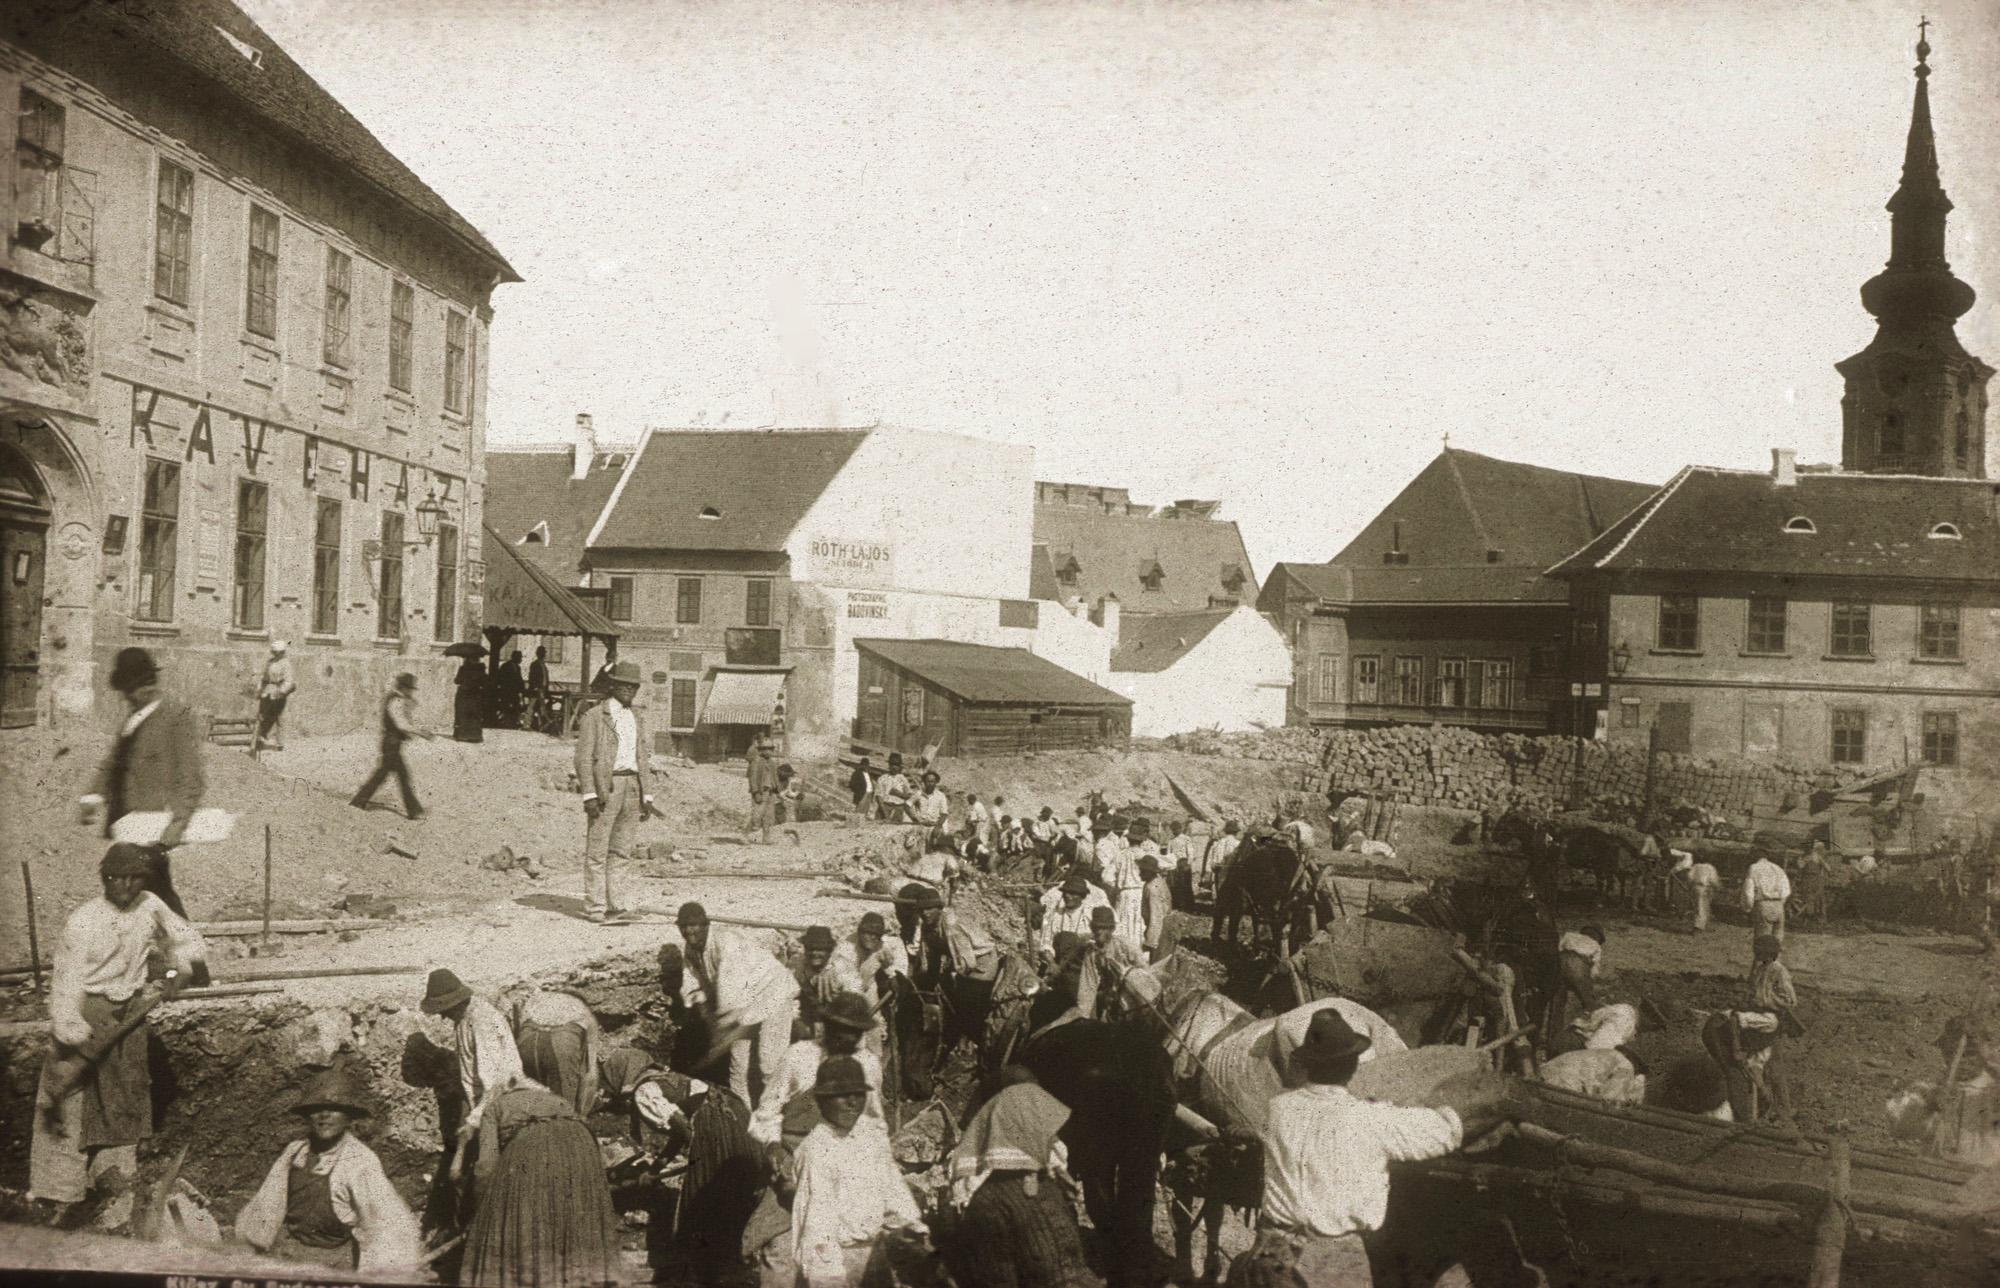 Fotó: Klösz György: Szarvas tér szabályozása, 1894 (Kisképző Digitális Fotótár)